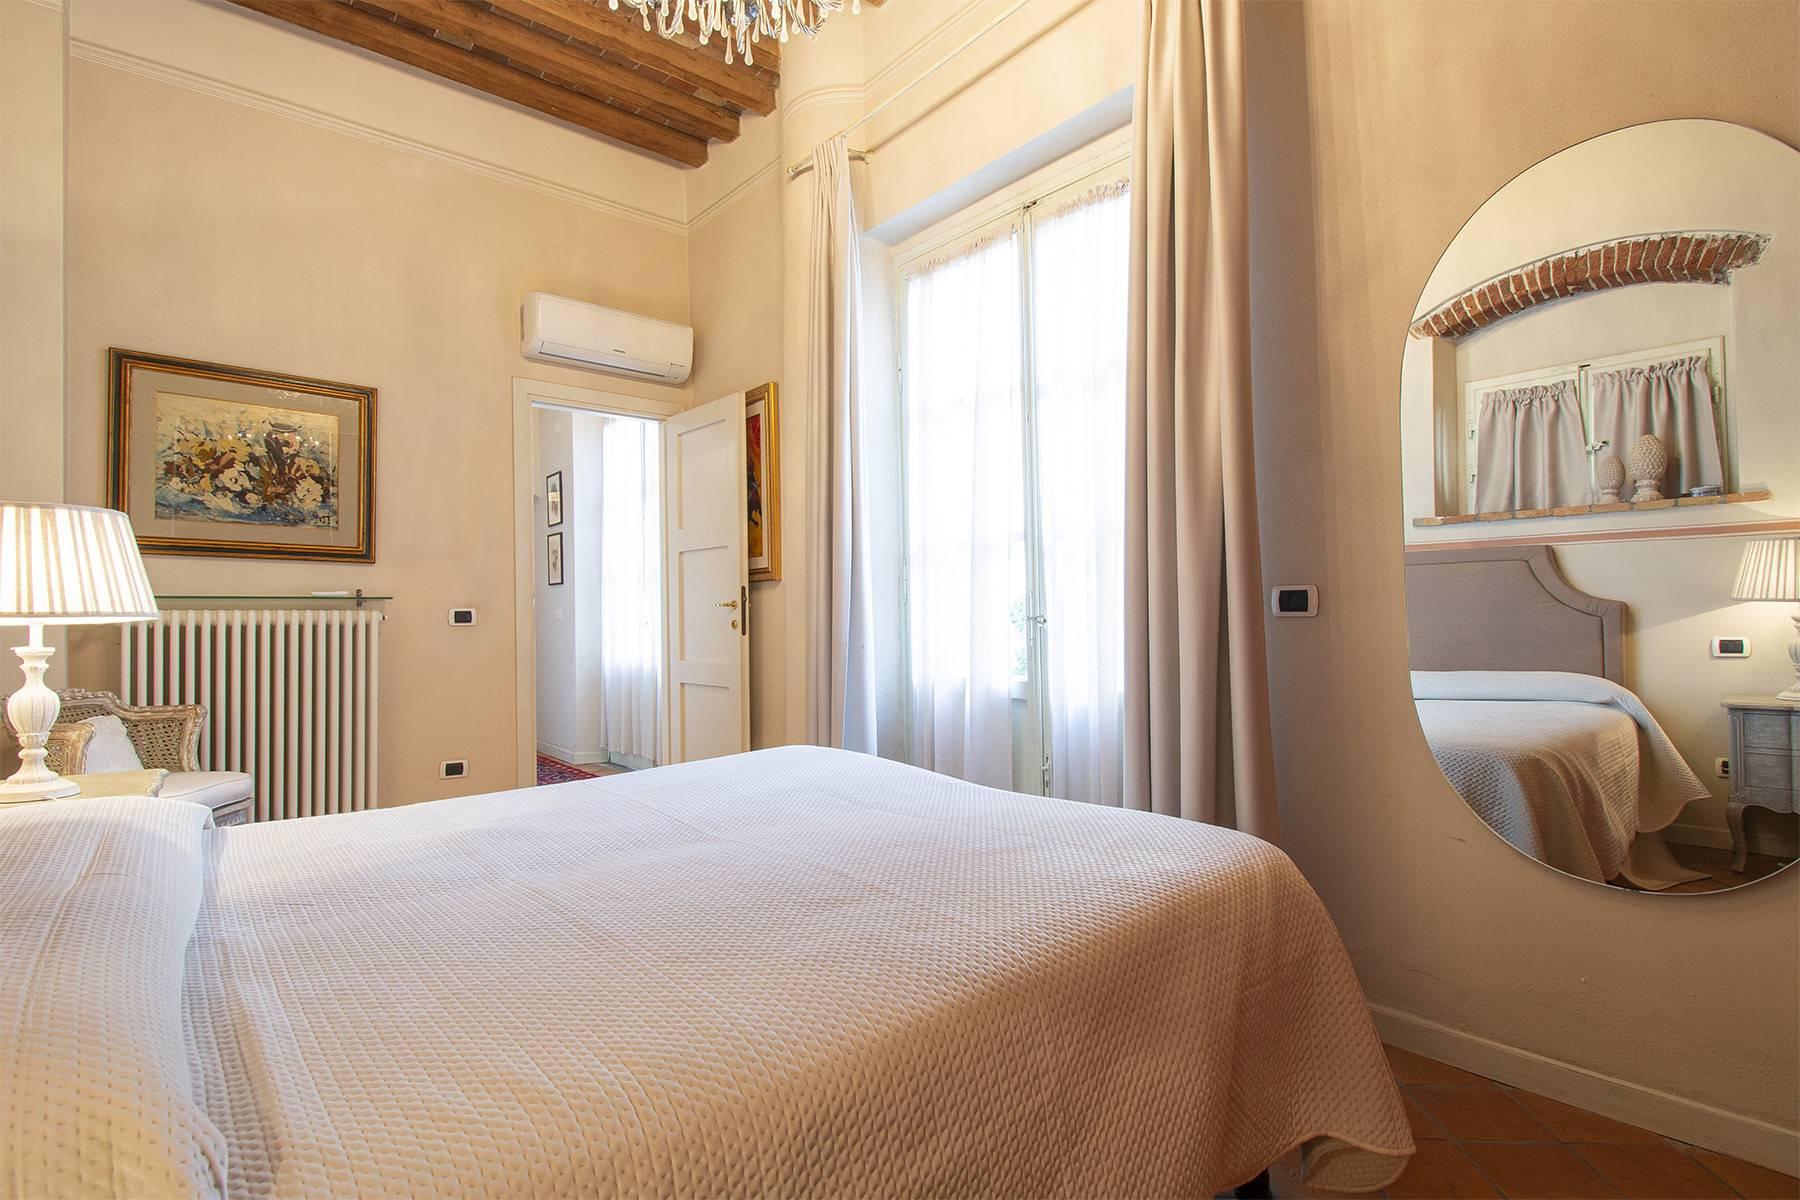 Appartamento in Vendita a Lucca: 5 locali, 77 mq - Foto 19